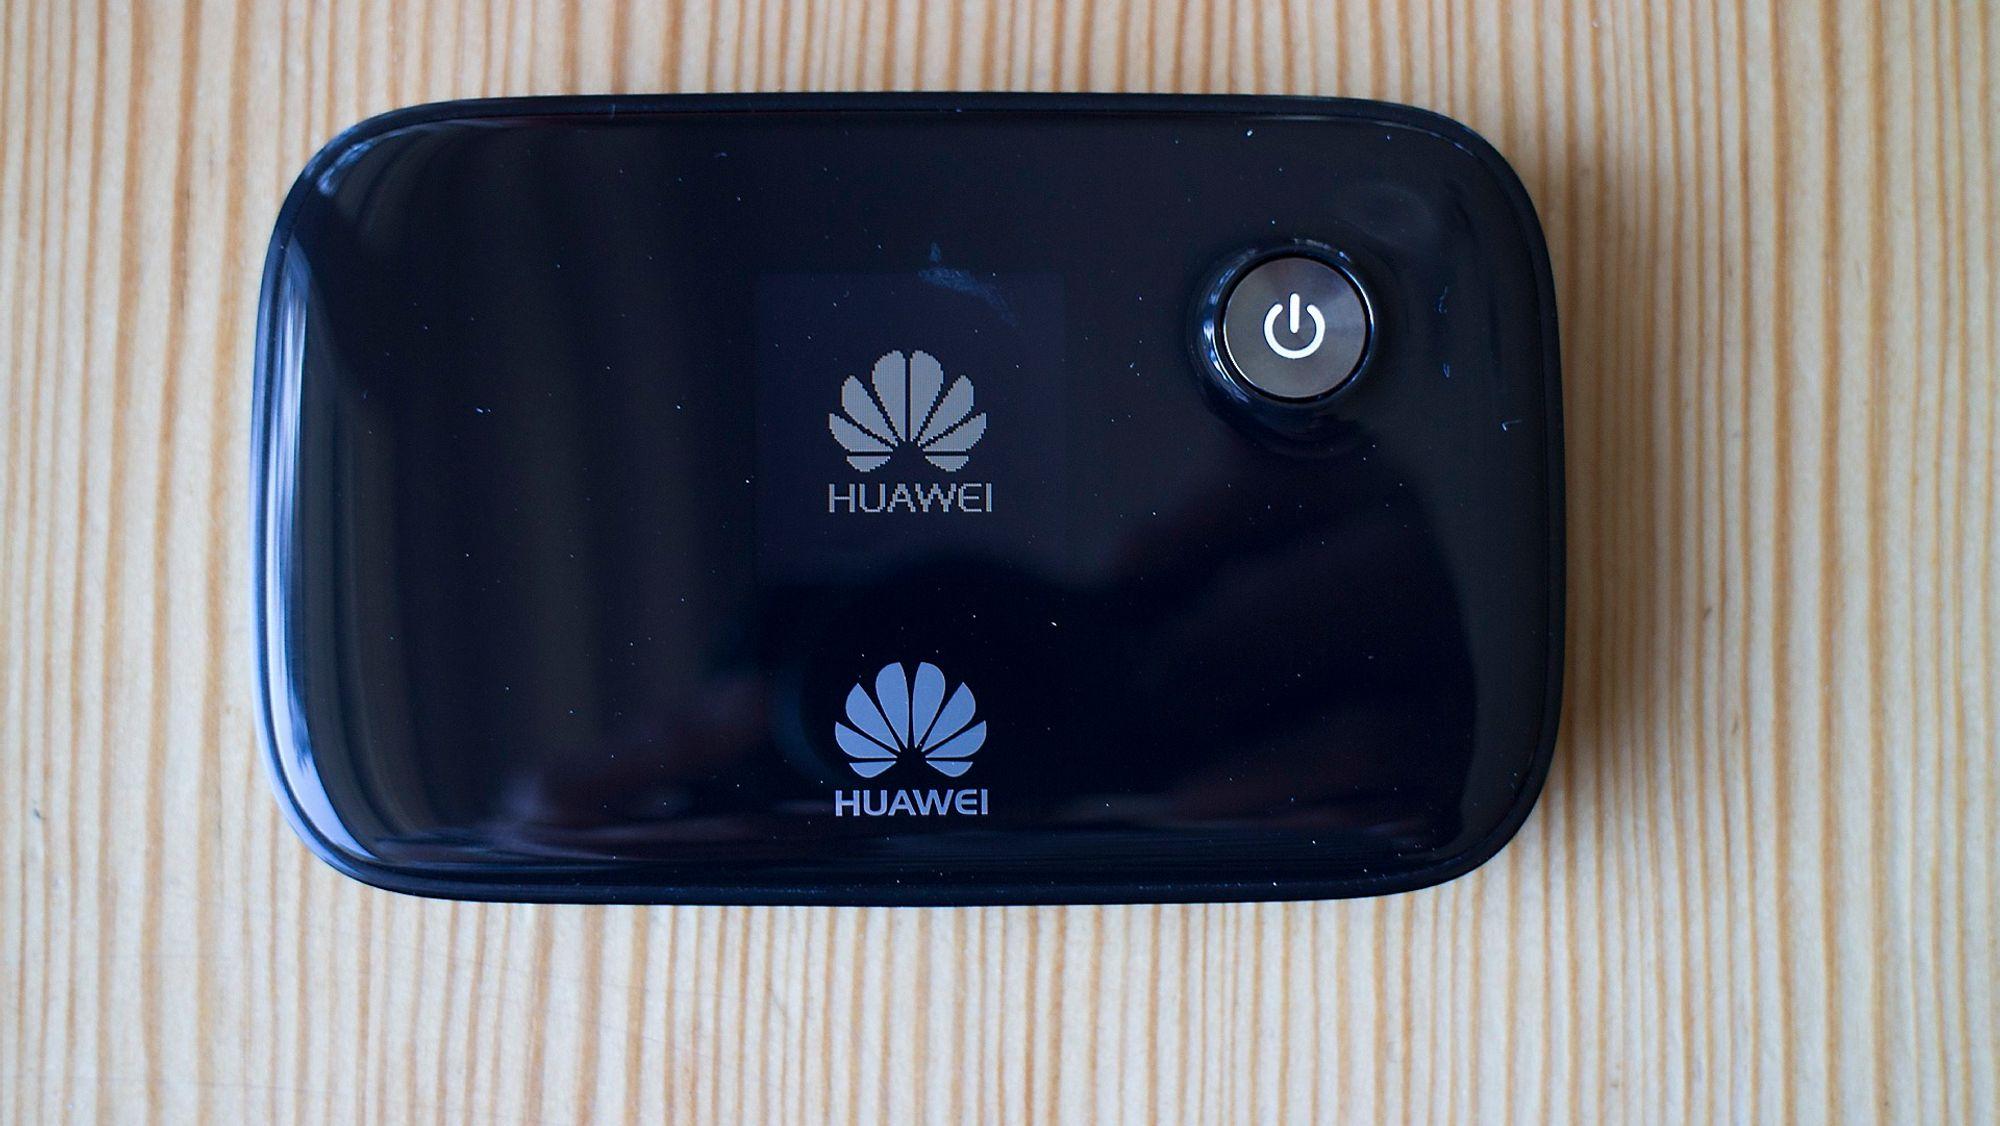 Mobilt bredbånd test 2017